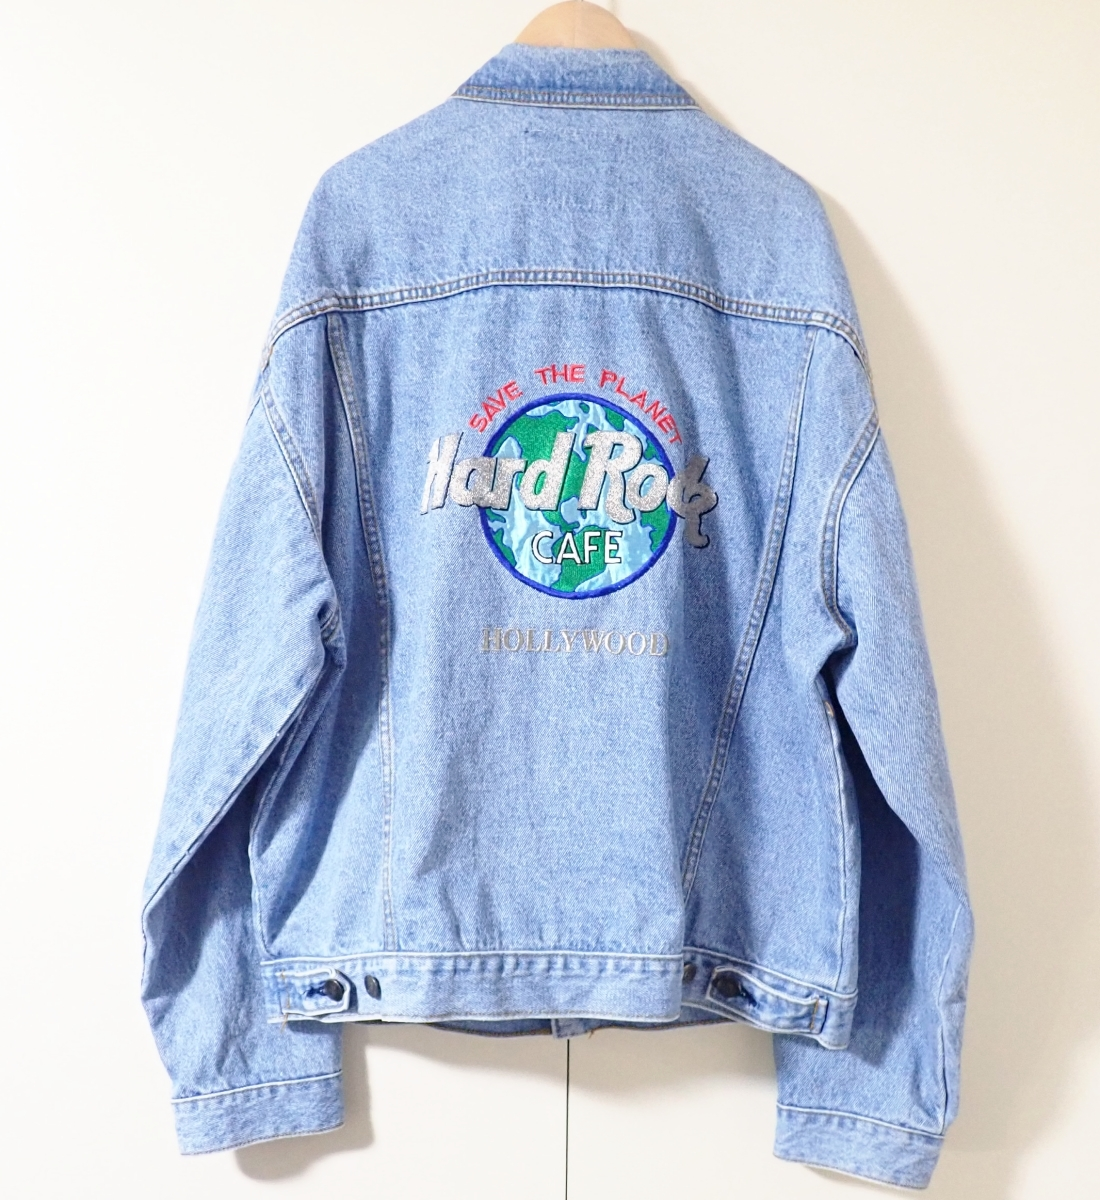 460/Hard Rock CAFE ハードロックカフェ Lサイズ Gジャン デニム ジャケット 刺繍 古着 オーバーサイズ ゆるだぼ ヴィンテージ ビンテージ_画像1